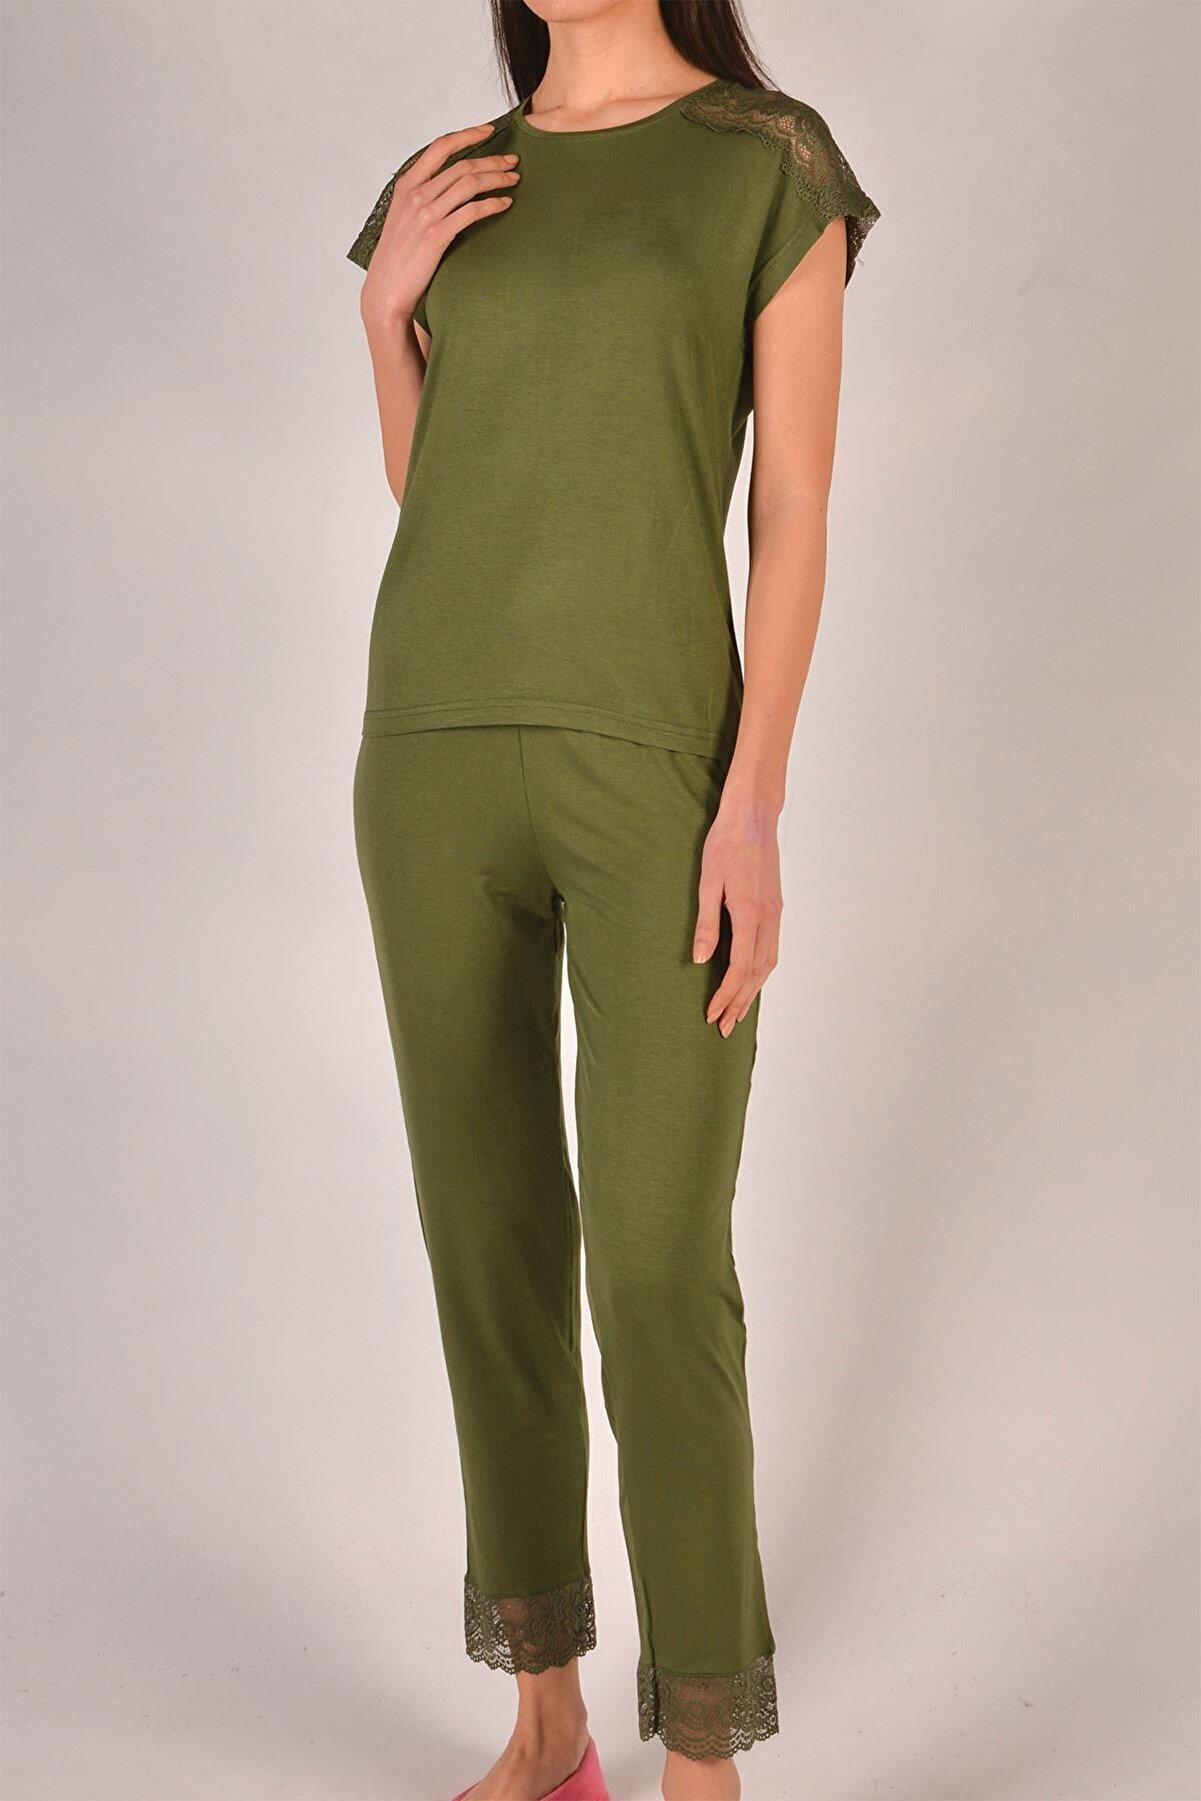 Nicoletta Yeşil Kadın Pijama Takımı Kısa Kollu Cepli Likralı